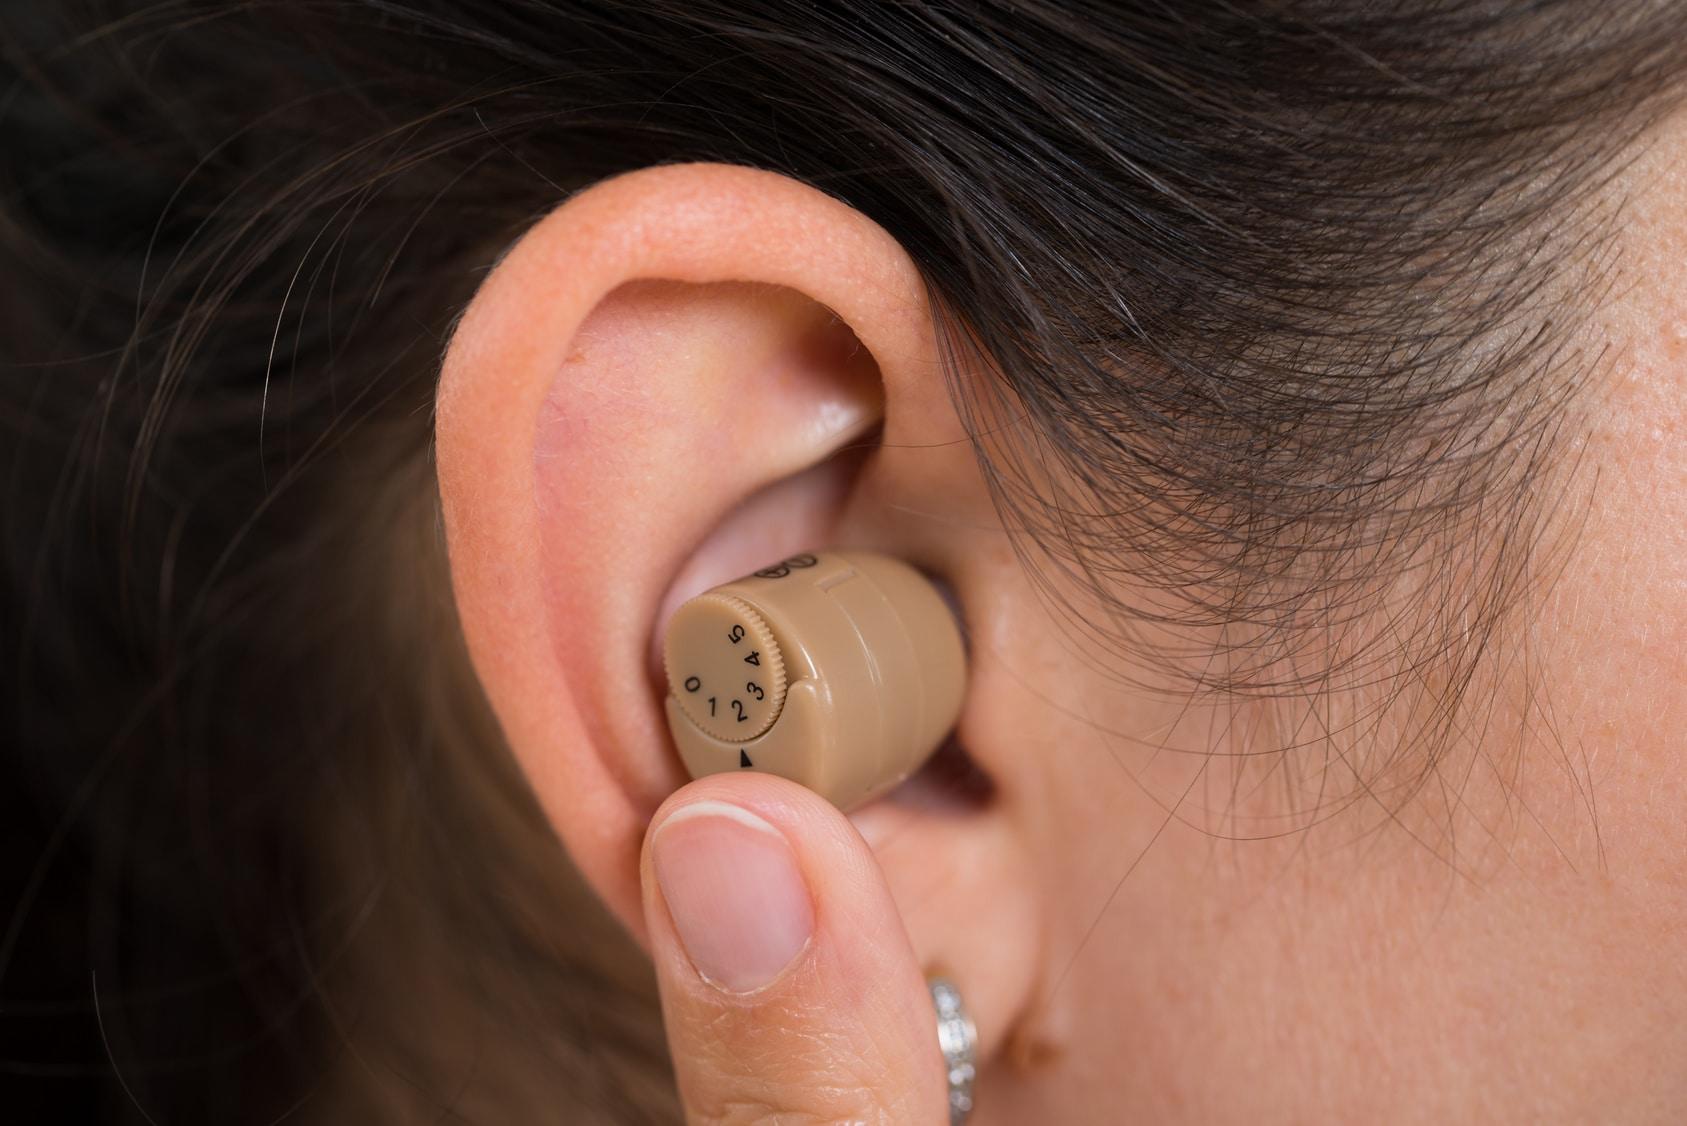 Aperçu d'un appareil auditif intra-auriculaire